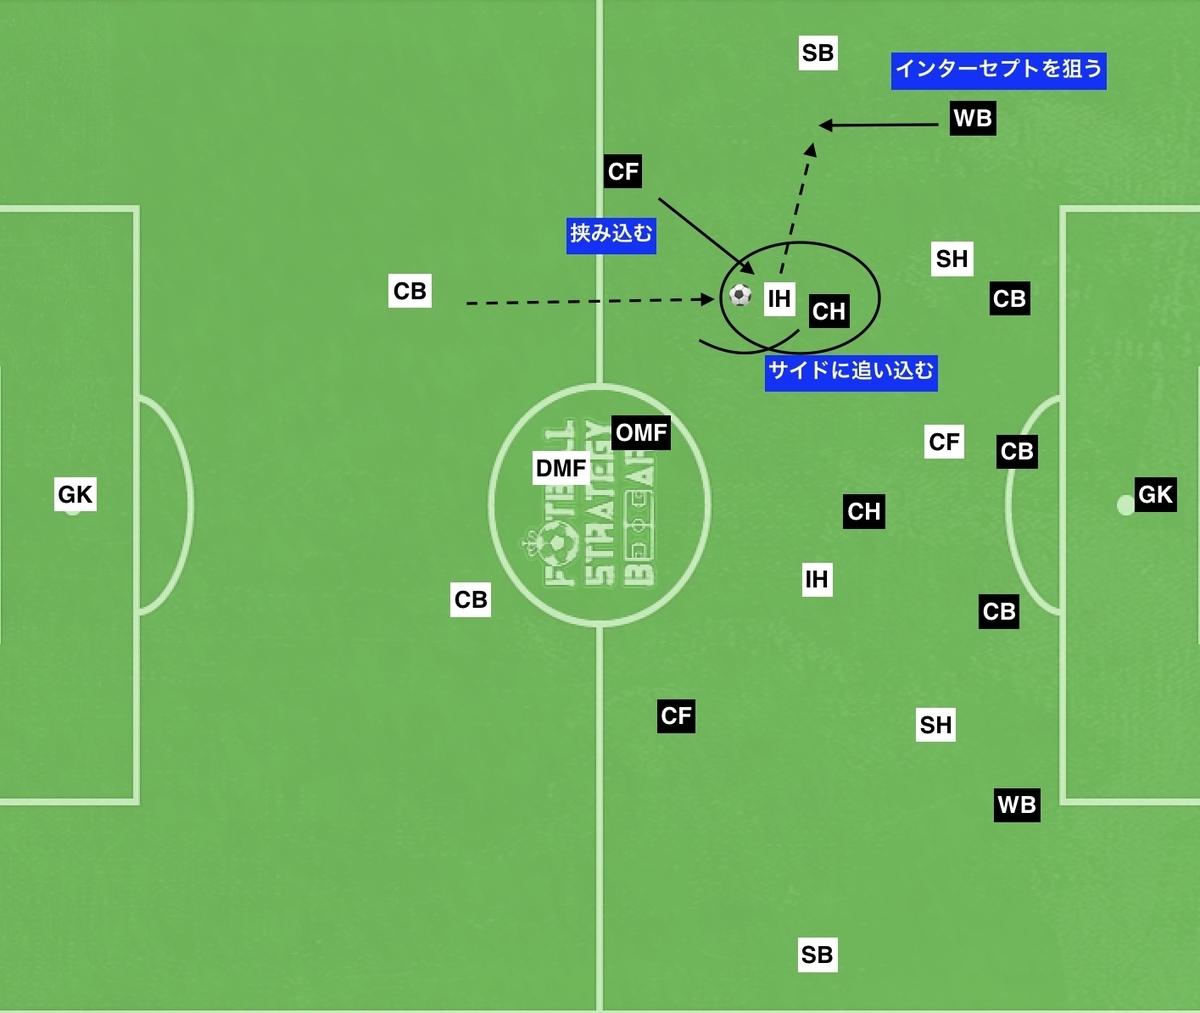 f:id:football-analyst:20191110191203j:plain